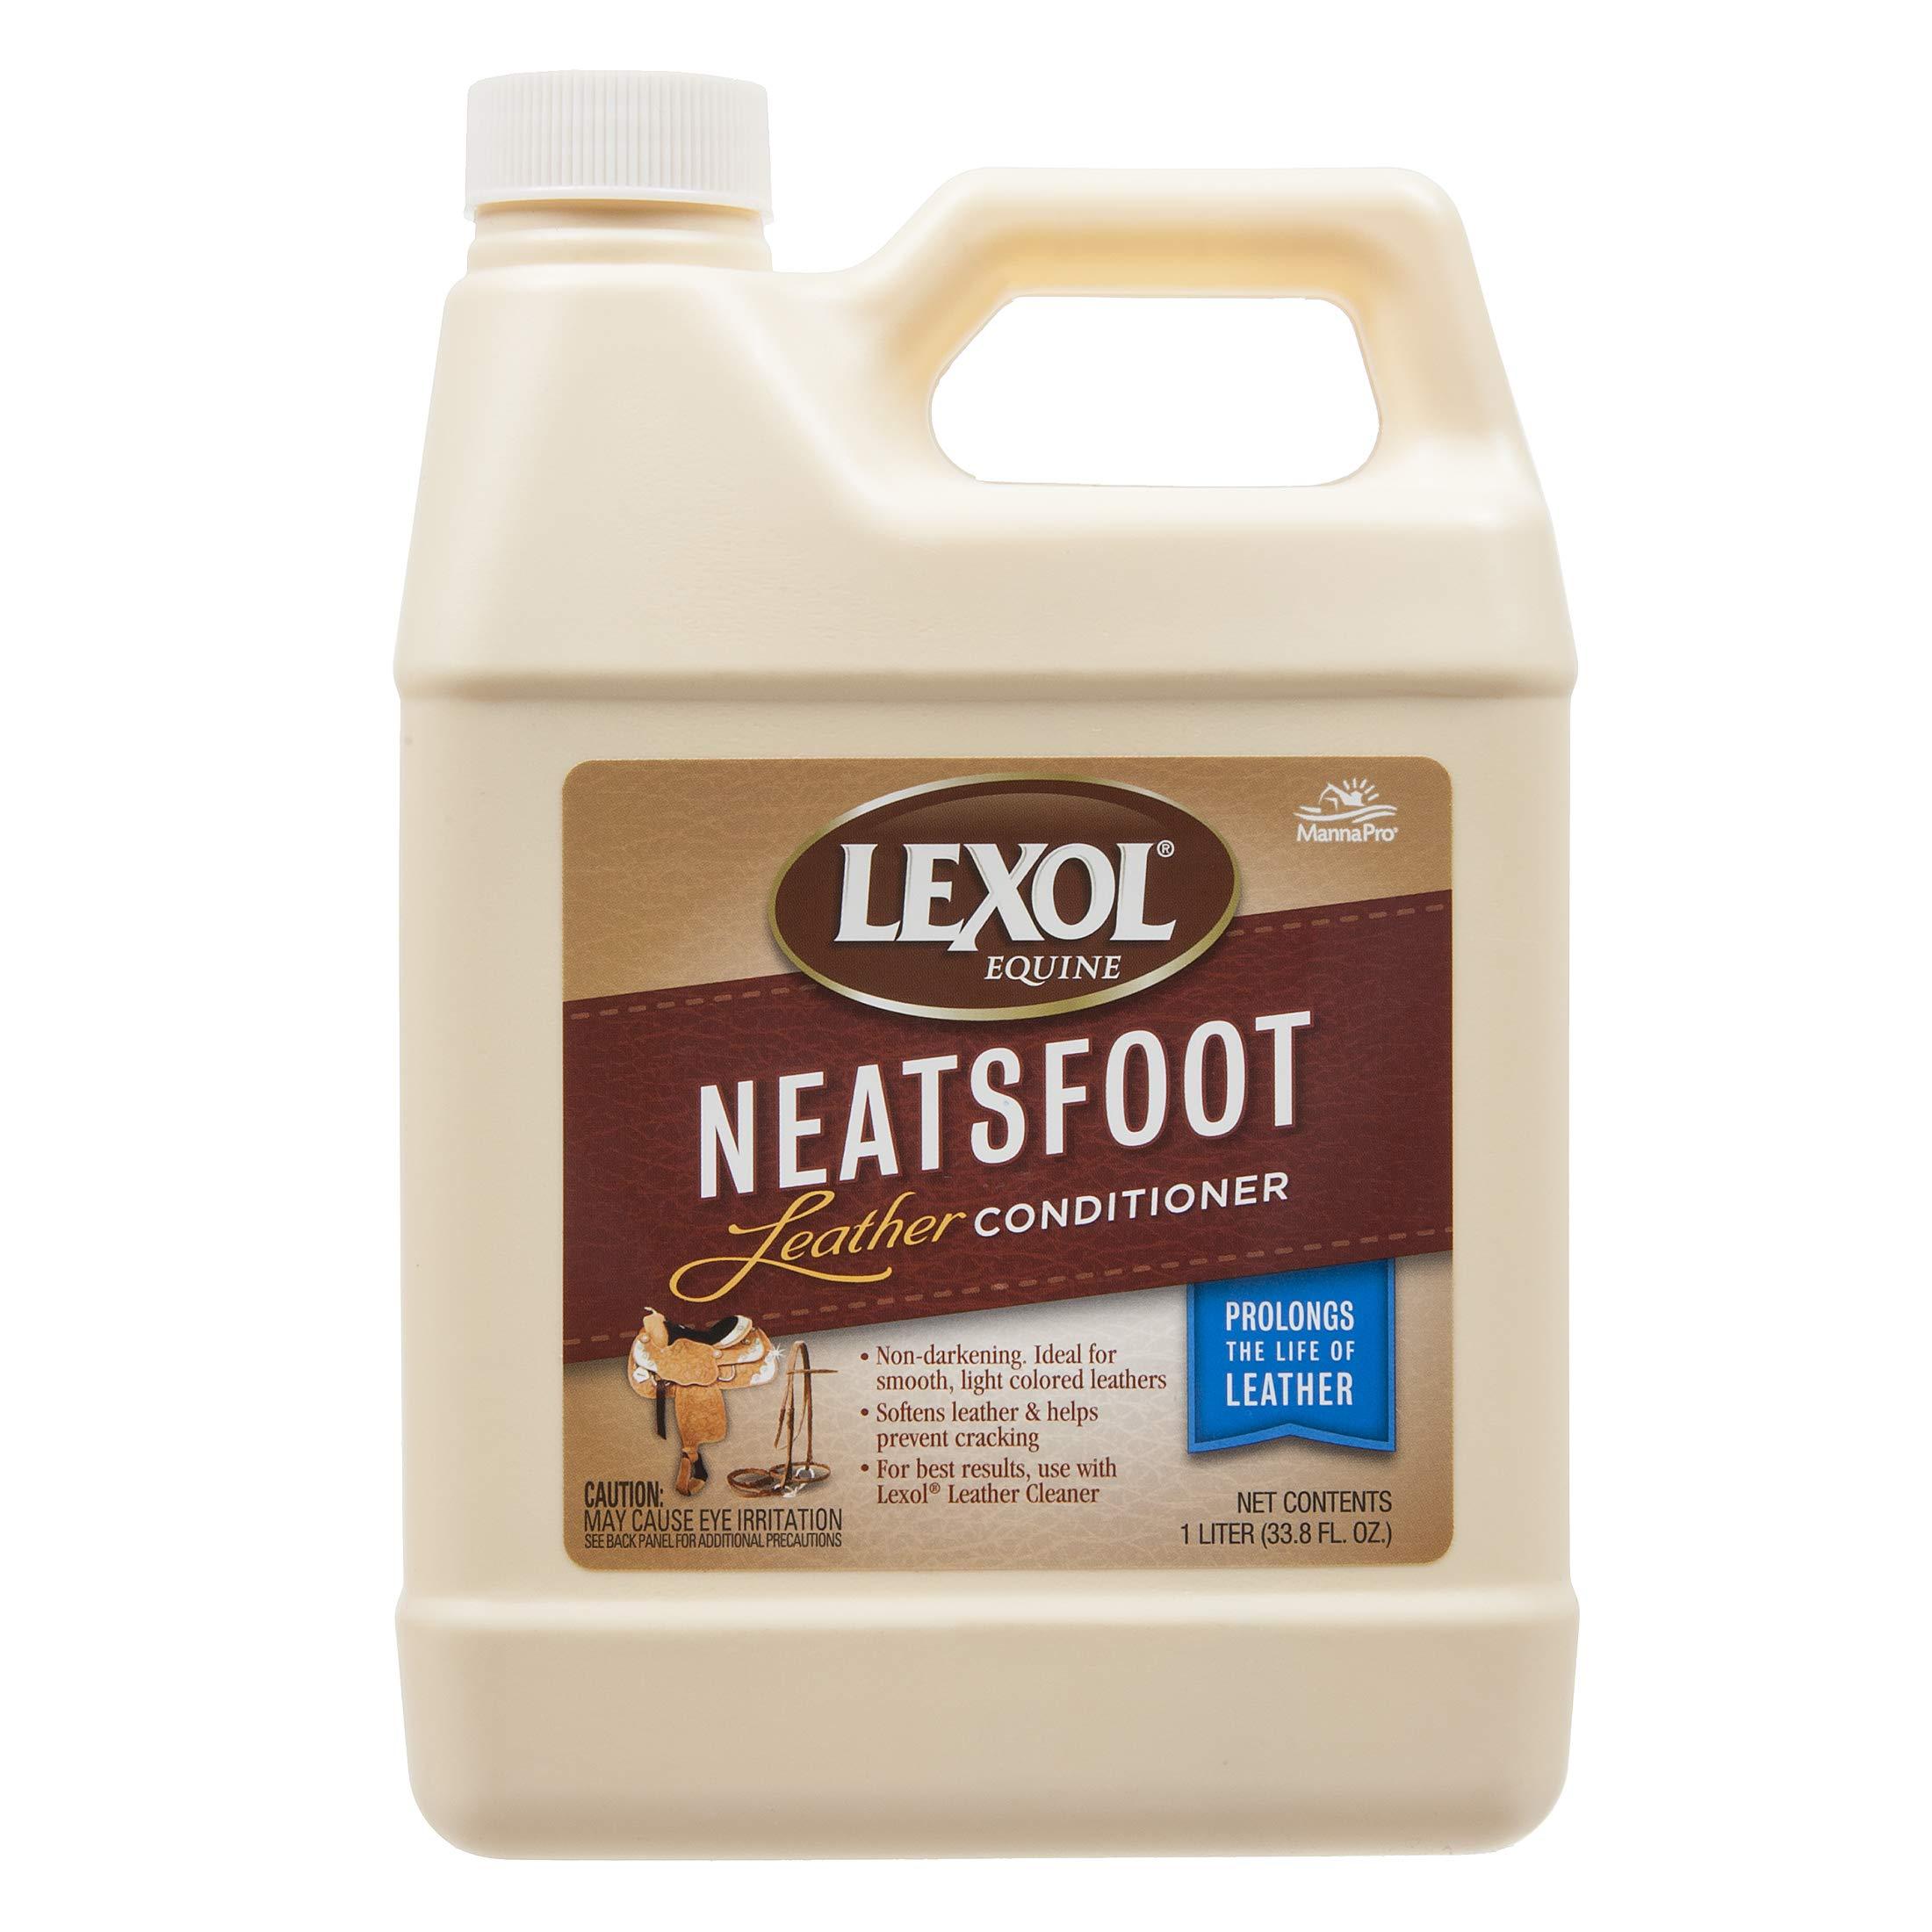 Manna Pro 441988 Lexol Neat'S Foot Supplies, 1 L by Manna Pro